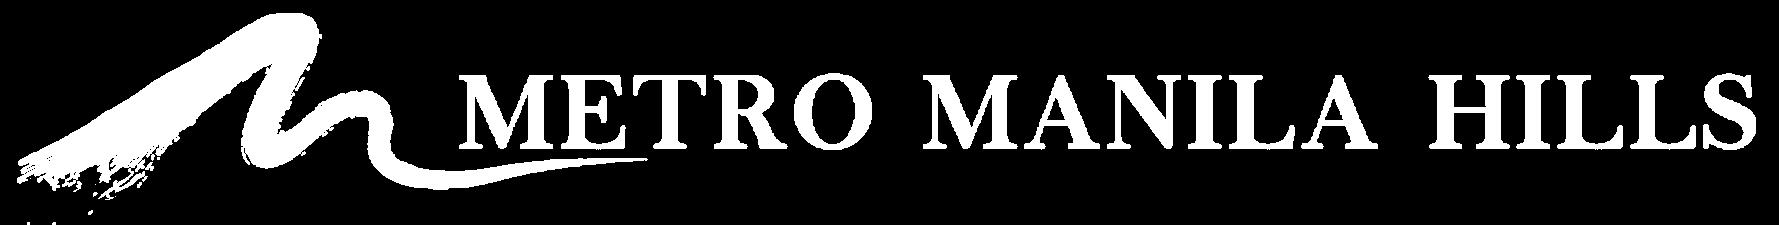 WHITEmmhlogo